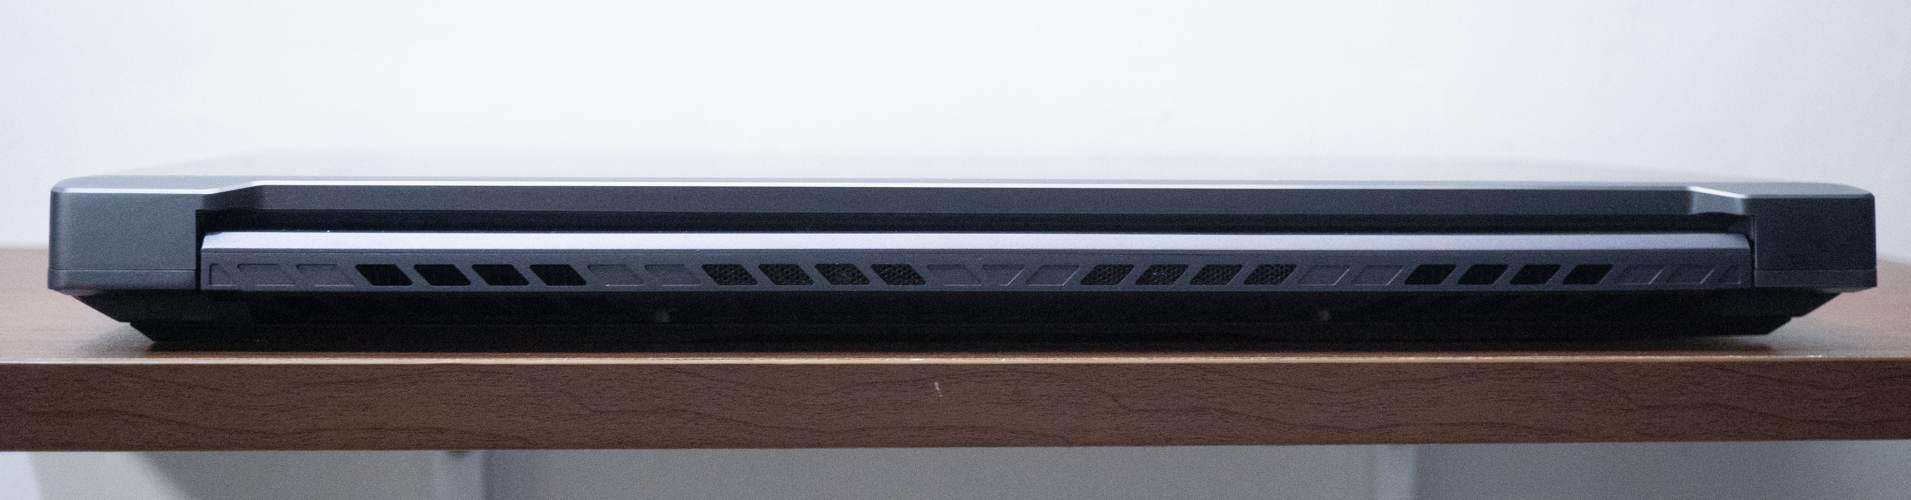 Desain Asus ProArt StudioBook Pro X W730